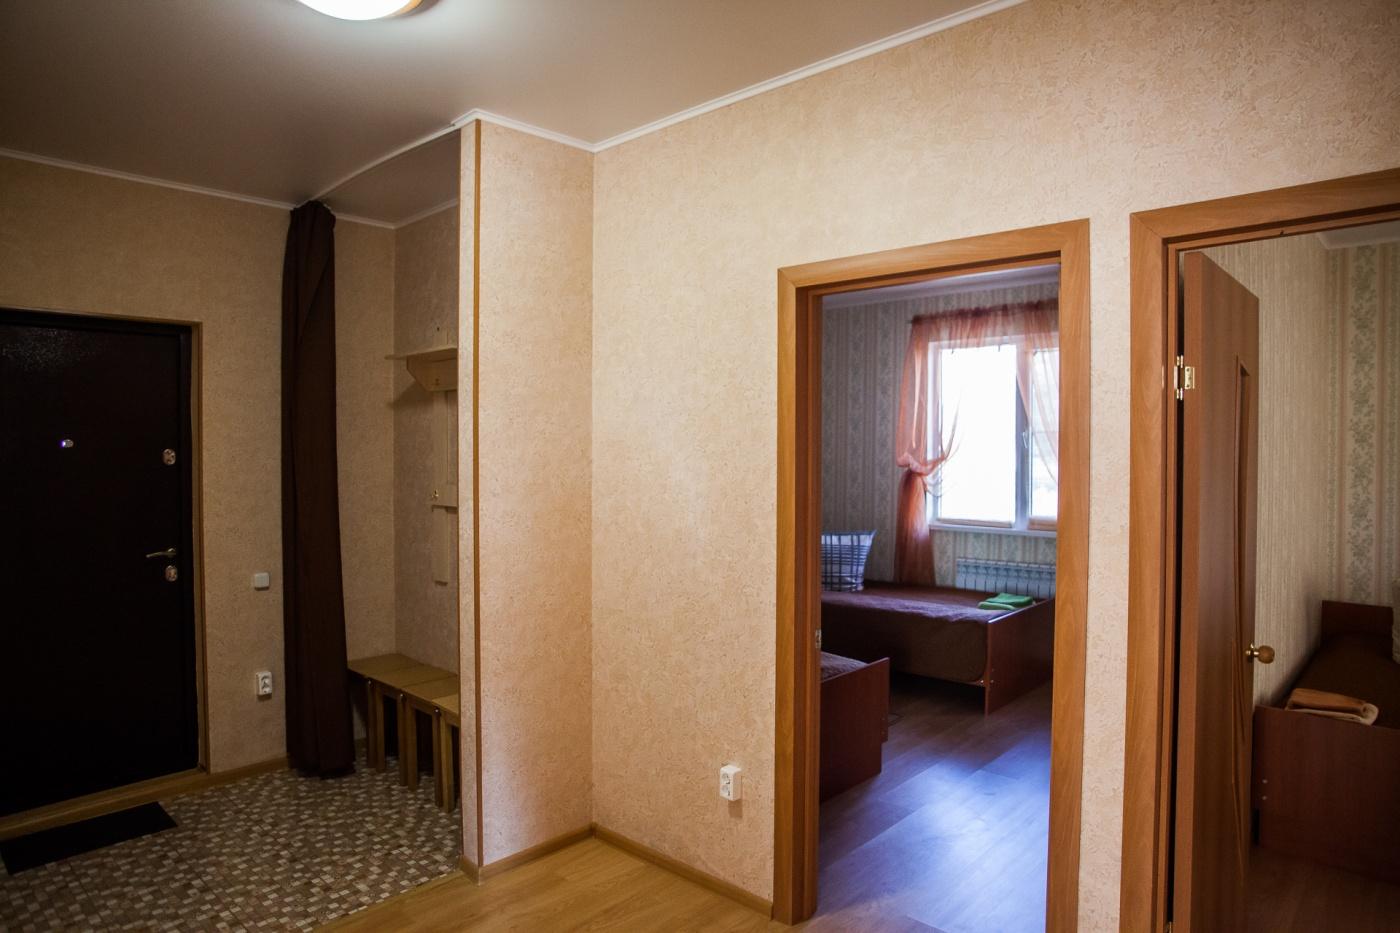 База отдыха «Наша Фазенда» Астраханская область Дом у реки «Семейный», фото 8